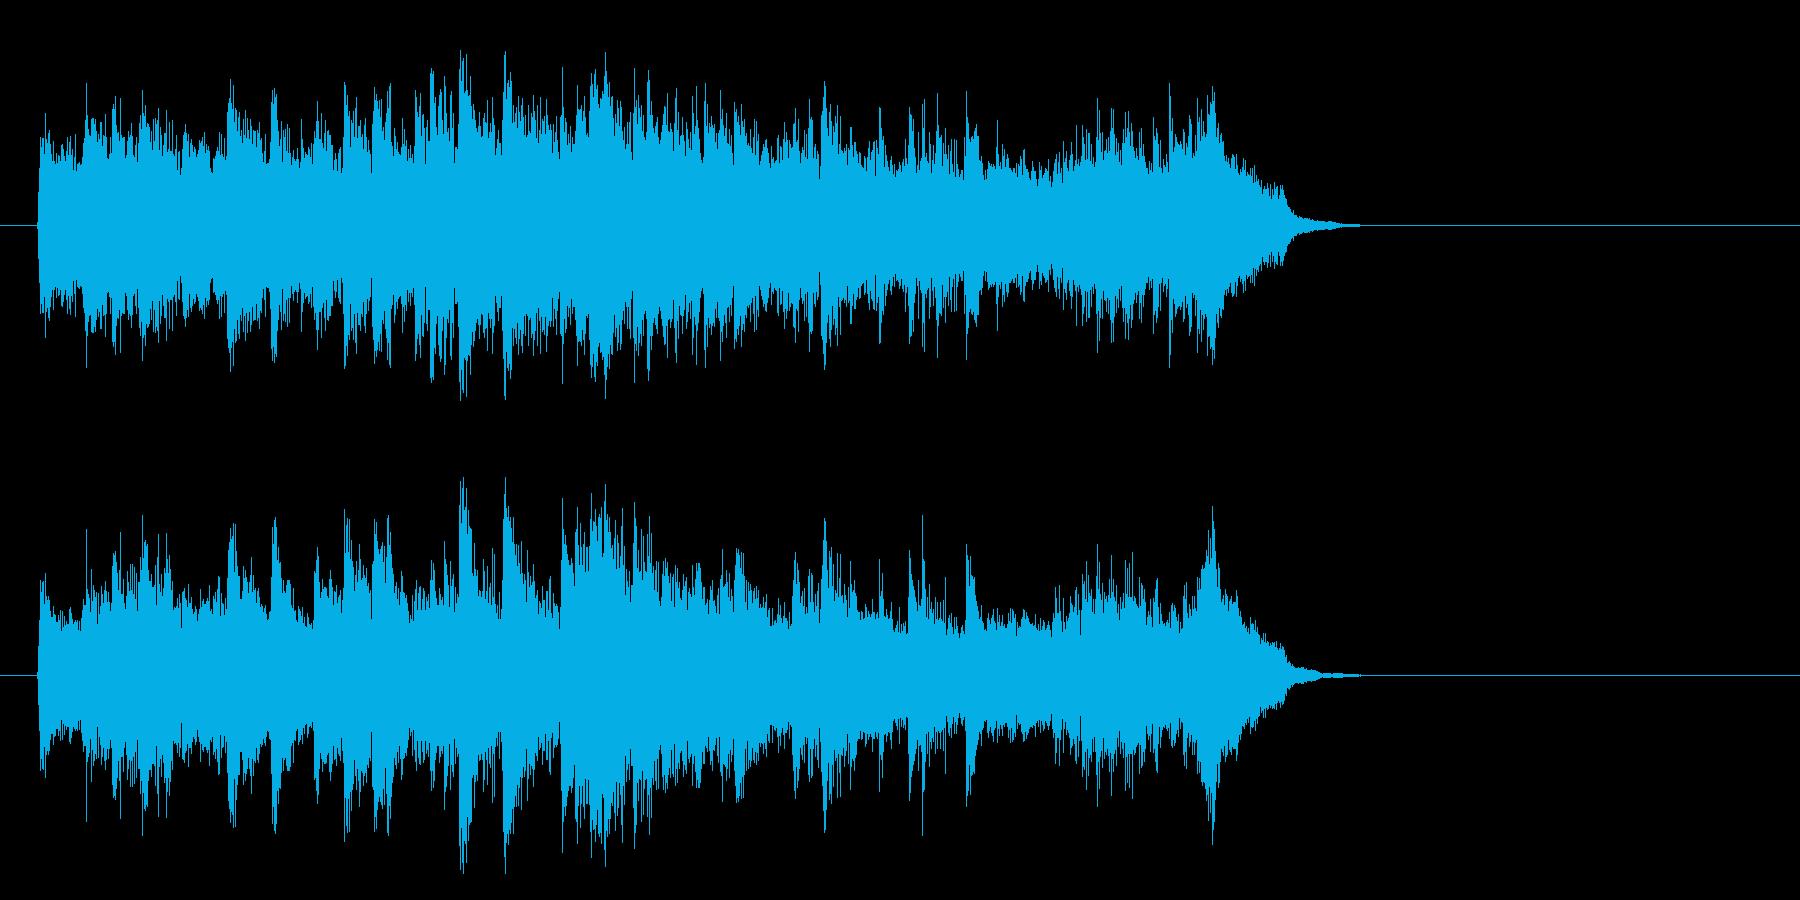 感動のピアノ・バラード(イントロ)の再生済みの波形